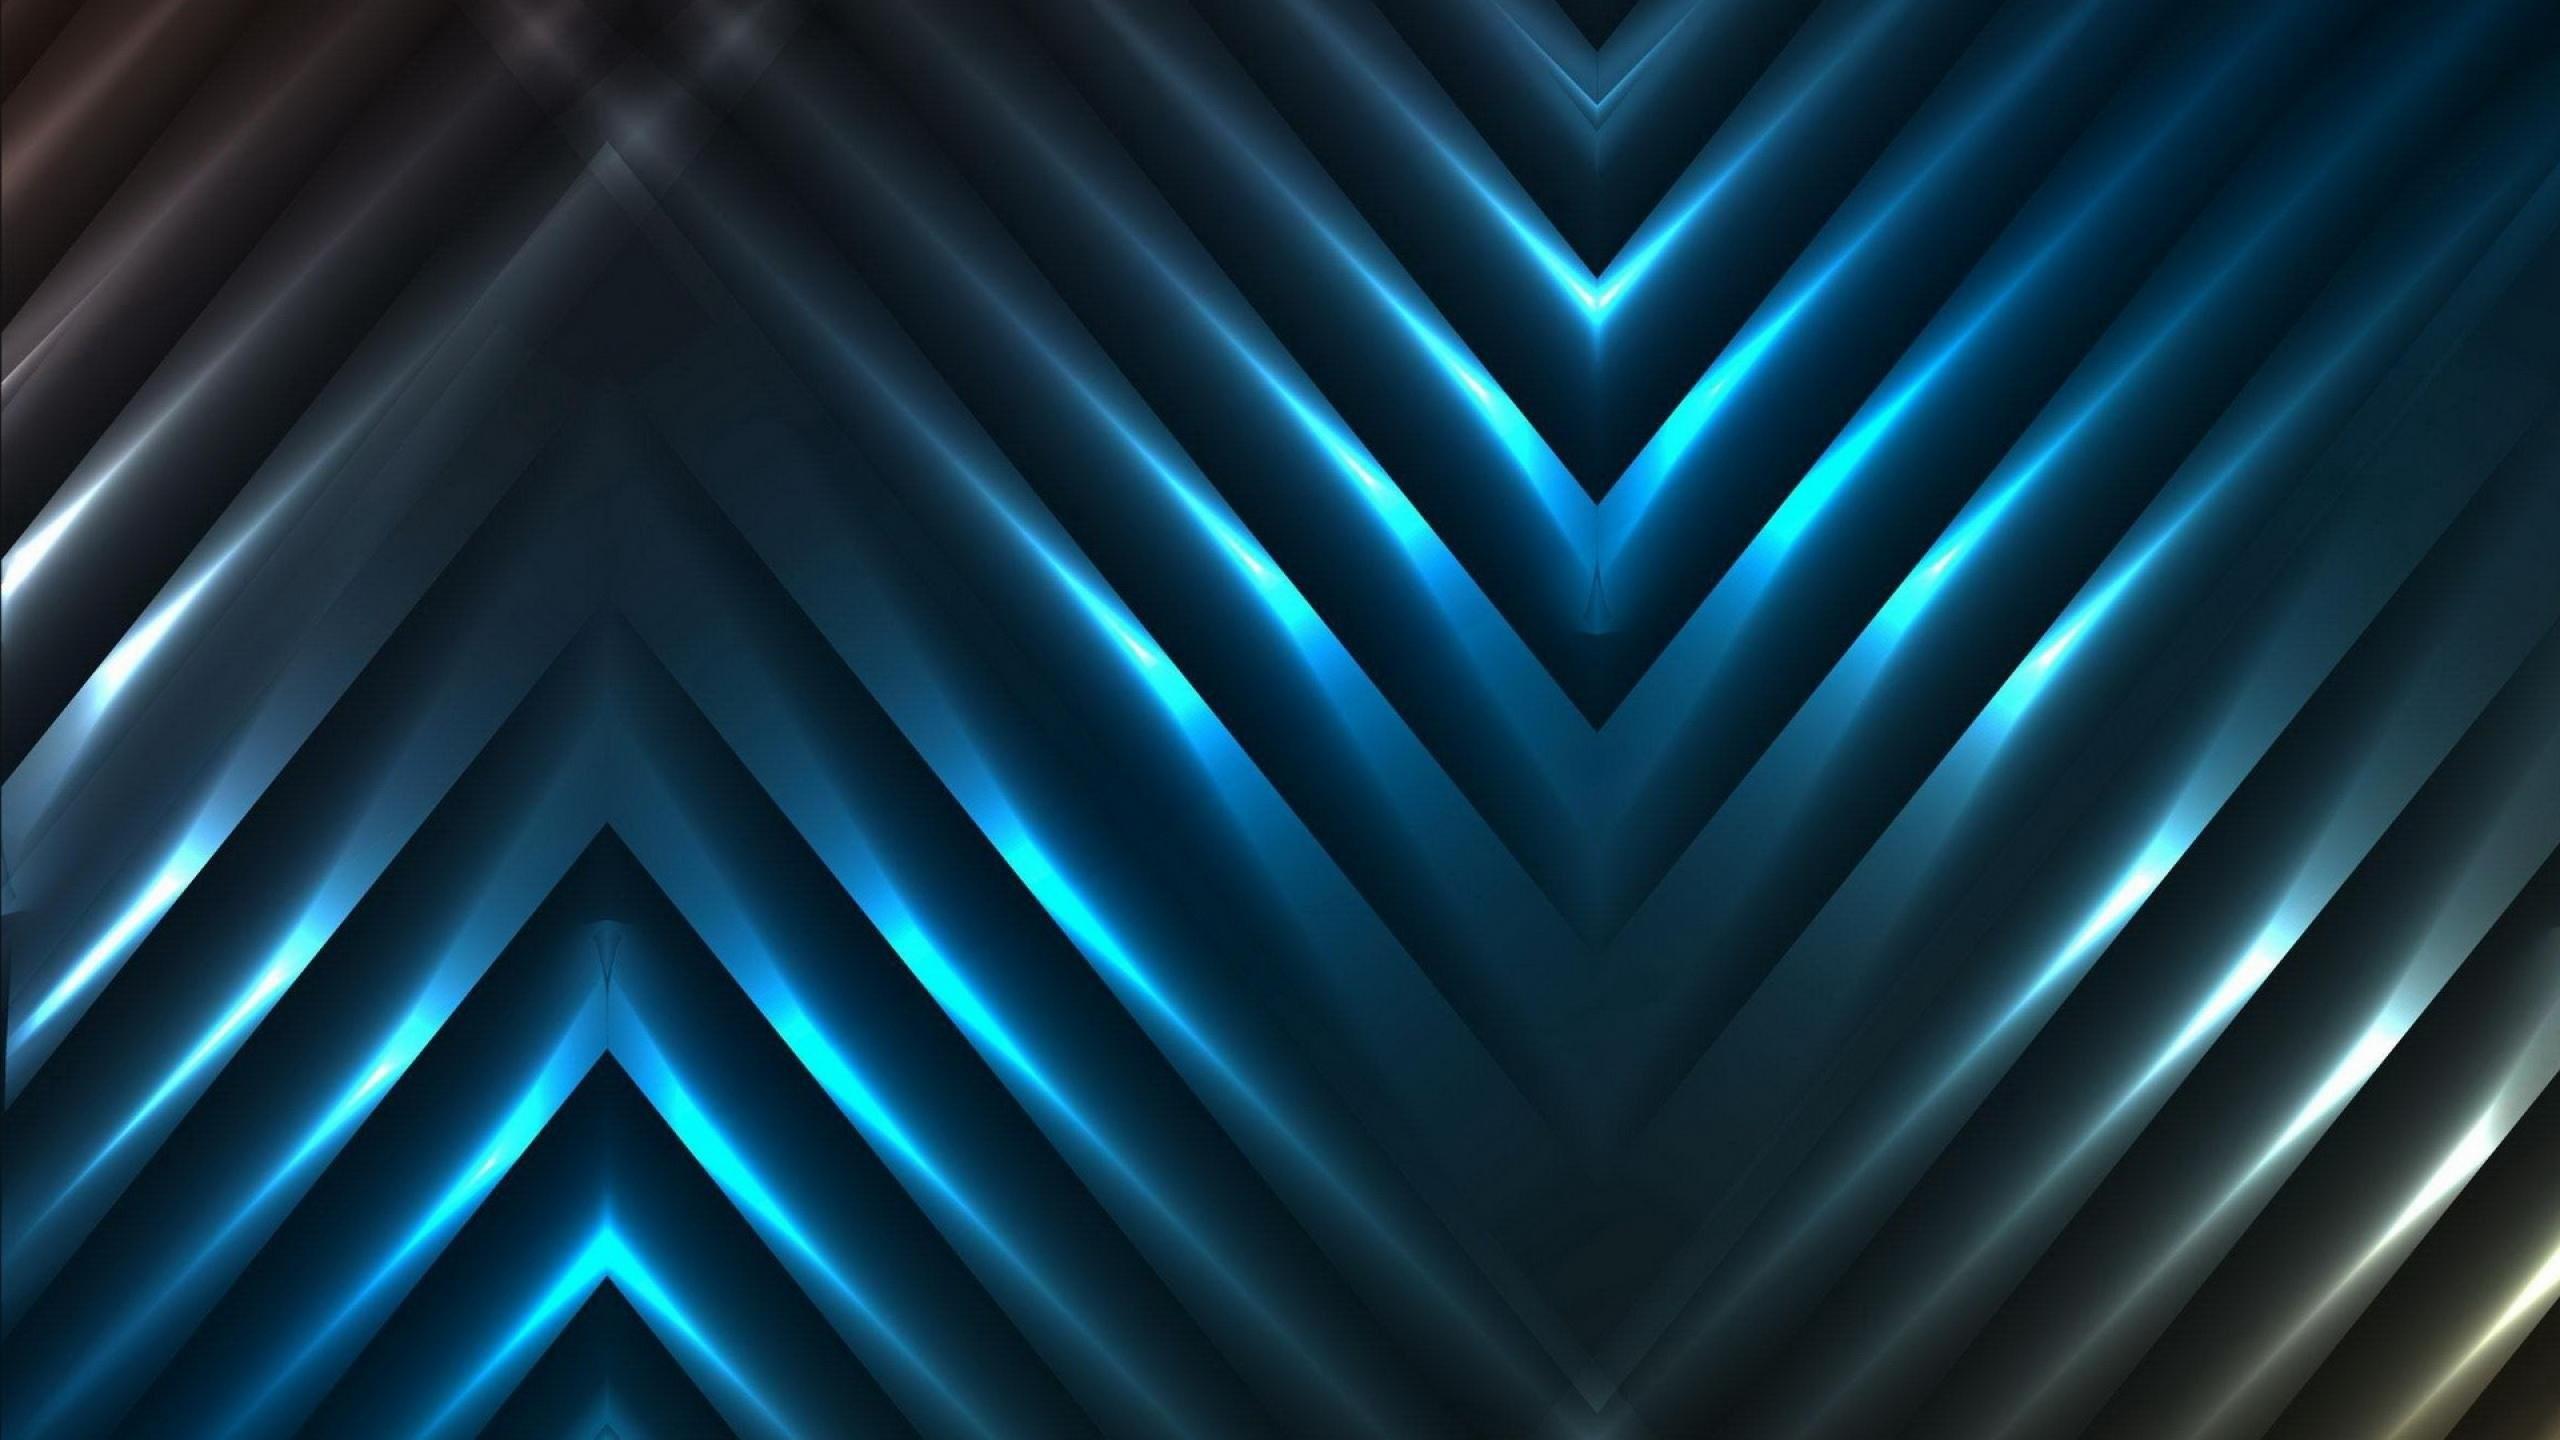 Brotherhood Of Steel Wallpaper Iphone Labzada Wallpaper